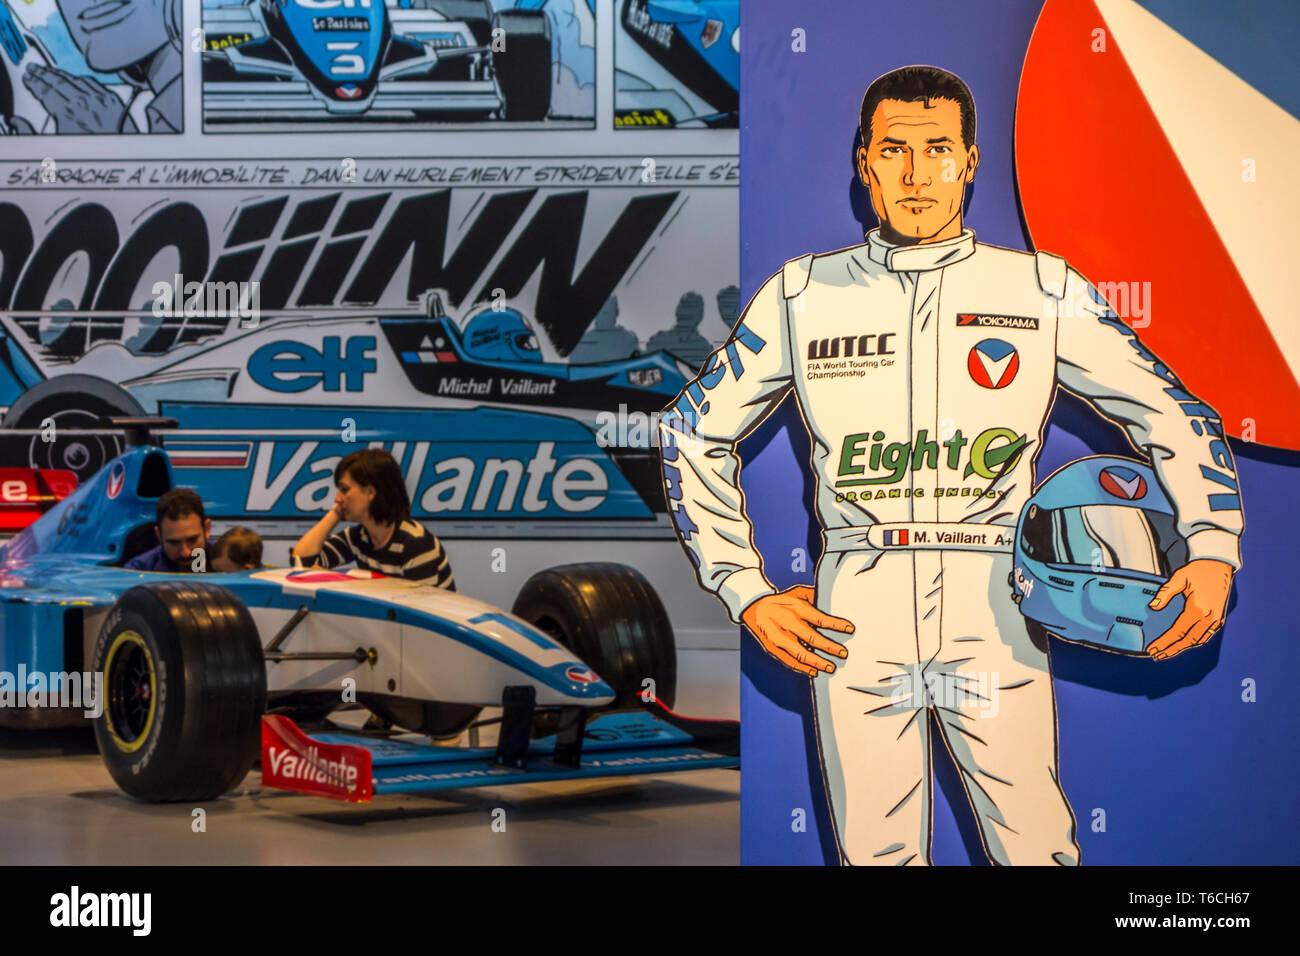 Comic Charakter Michel Vaillant, französischer Rennfahrer, die in der Formel 1 in der Autoworld Museum in Brüssel, Belgien, konkurriert Stockbild